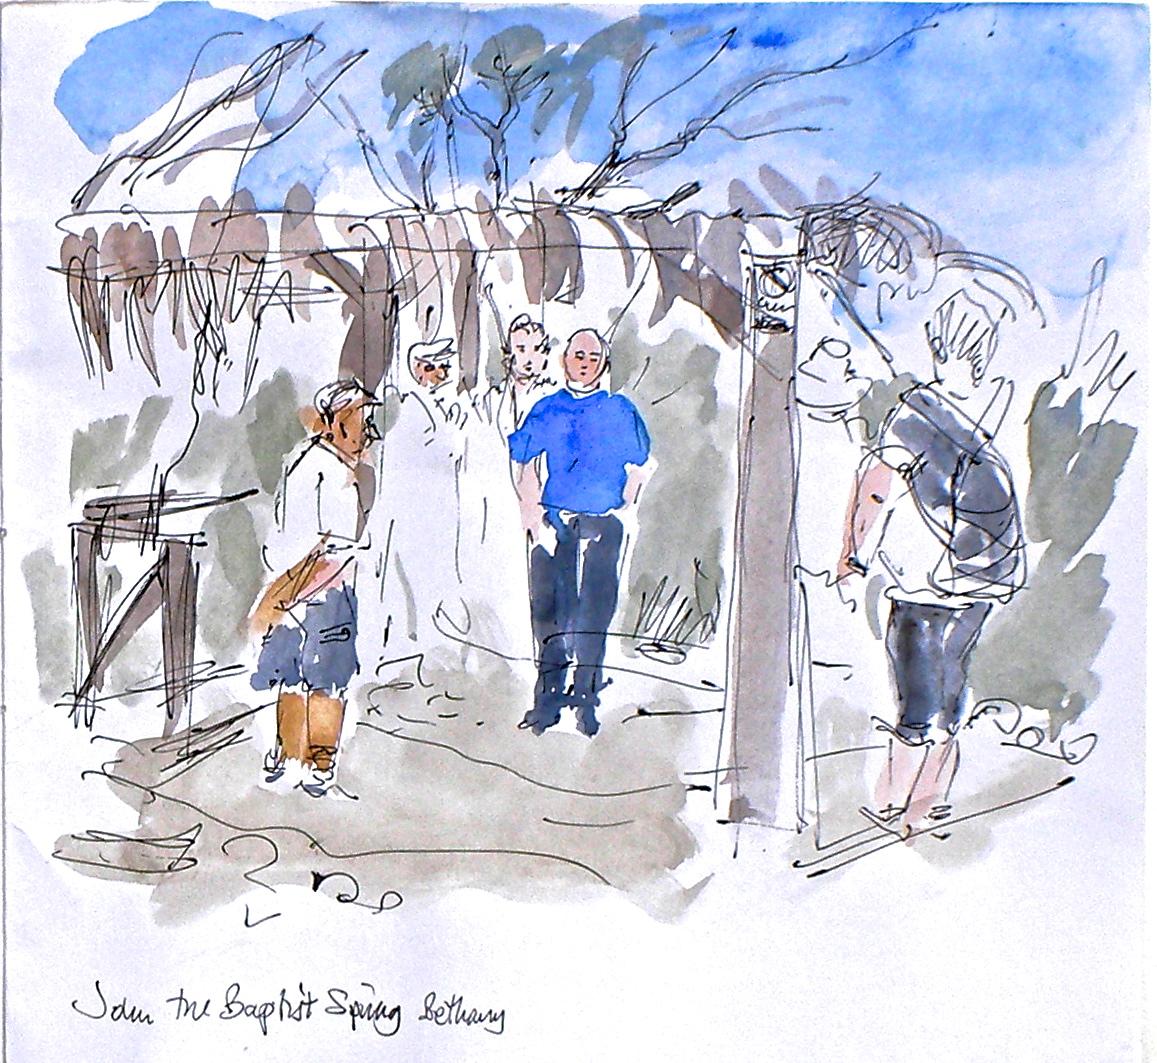 John the Baptis's pool, Bethany